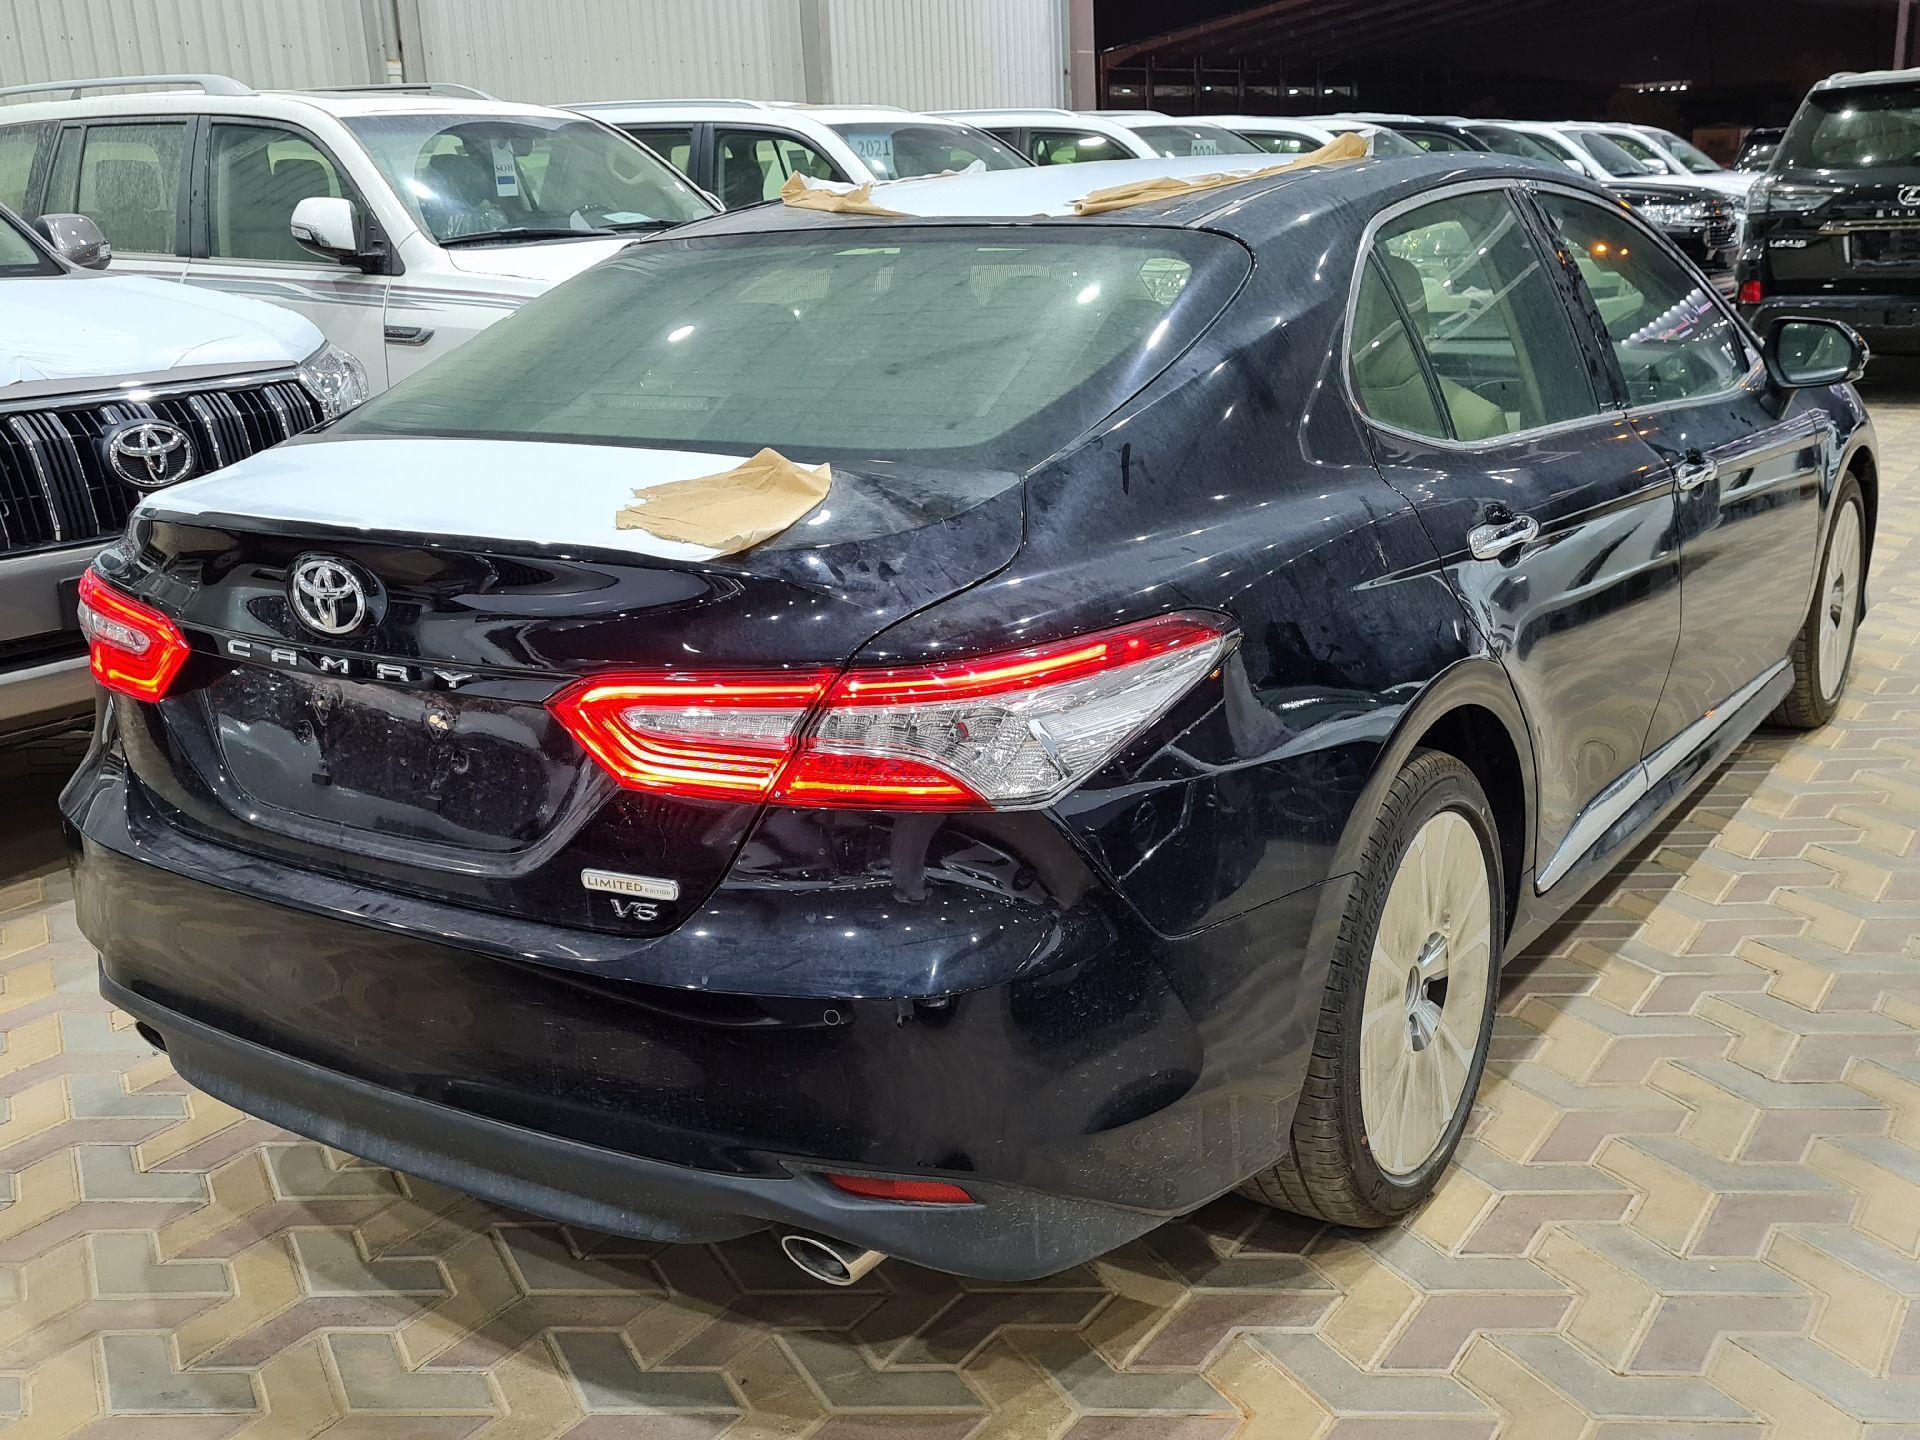 مباع - تويوتا كامري Limited فل 2020 خليجي جديد للبيع في الرياض - السعودية - صورة كبيرة - 5